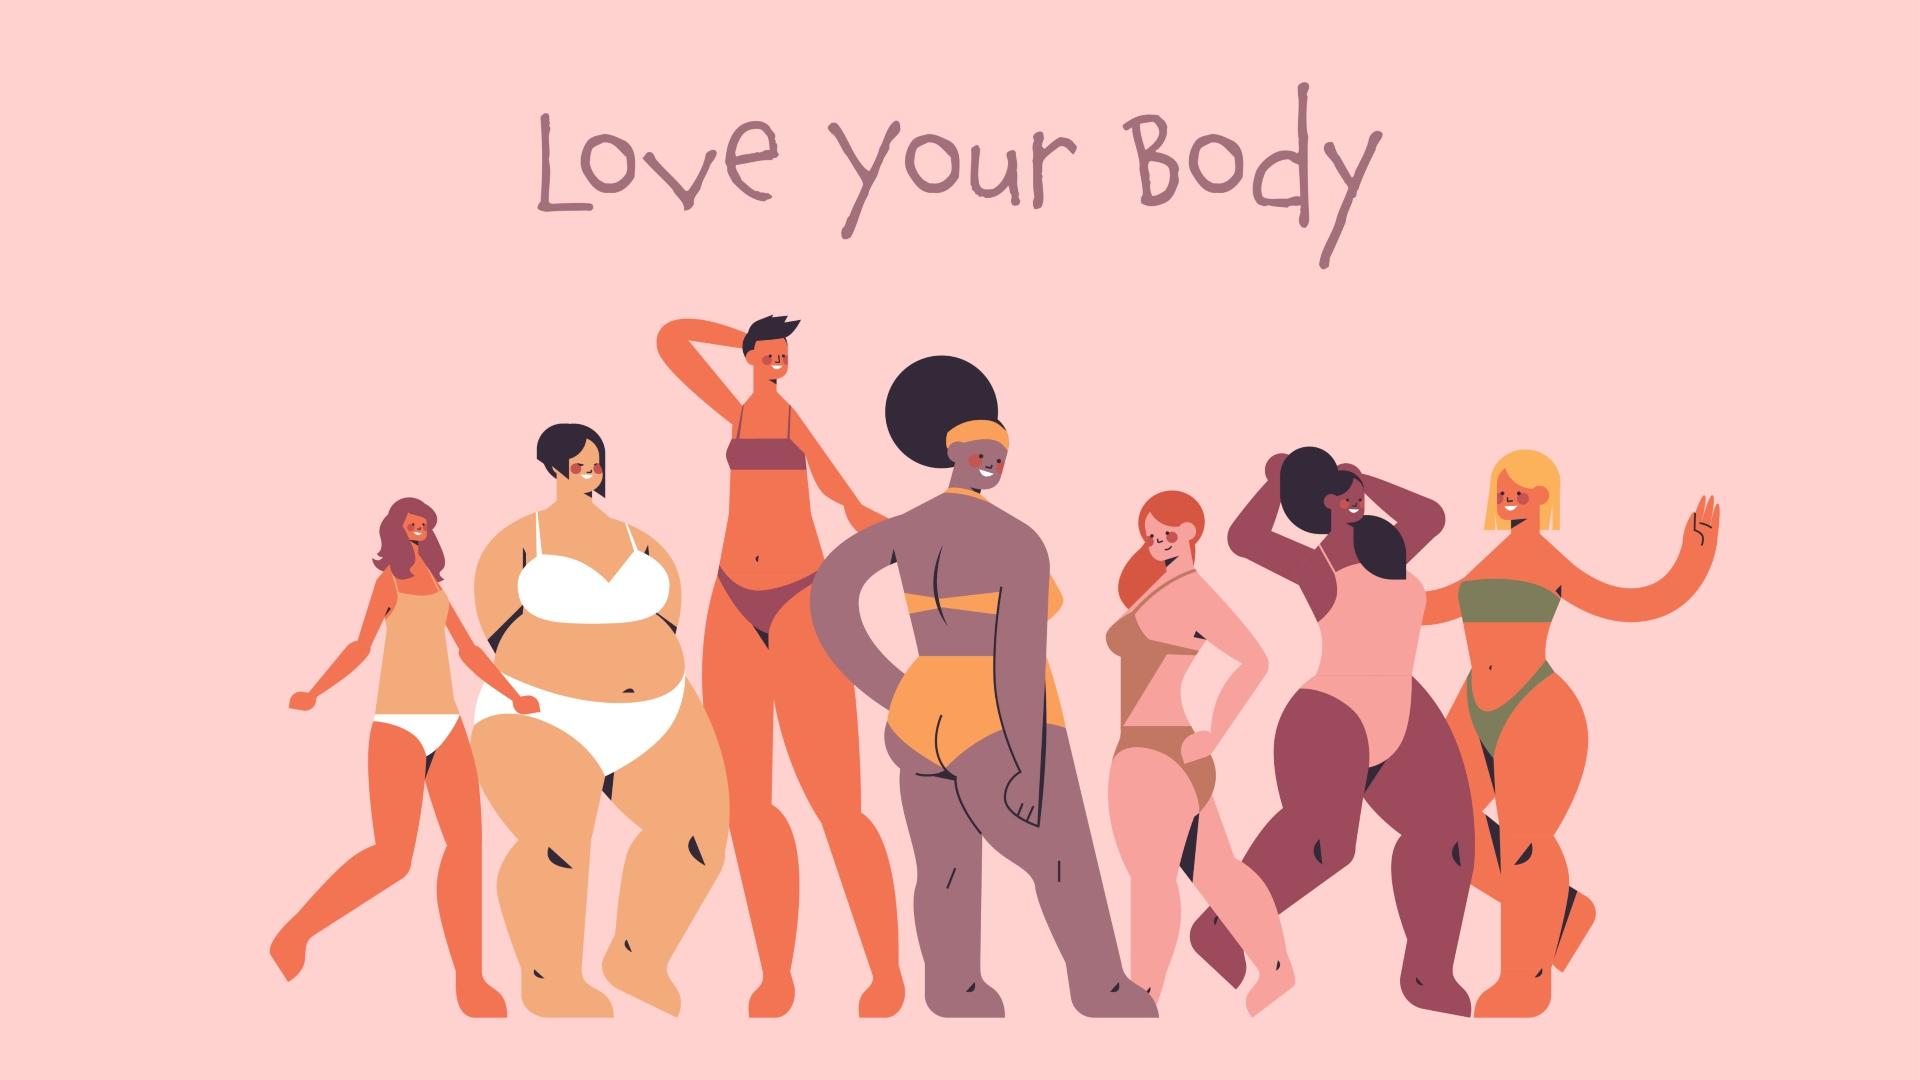 Mi a baj a body positivity mozgalommal?